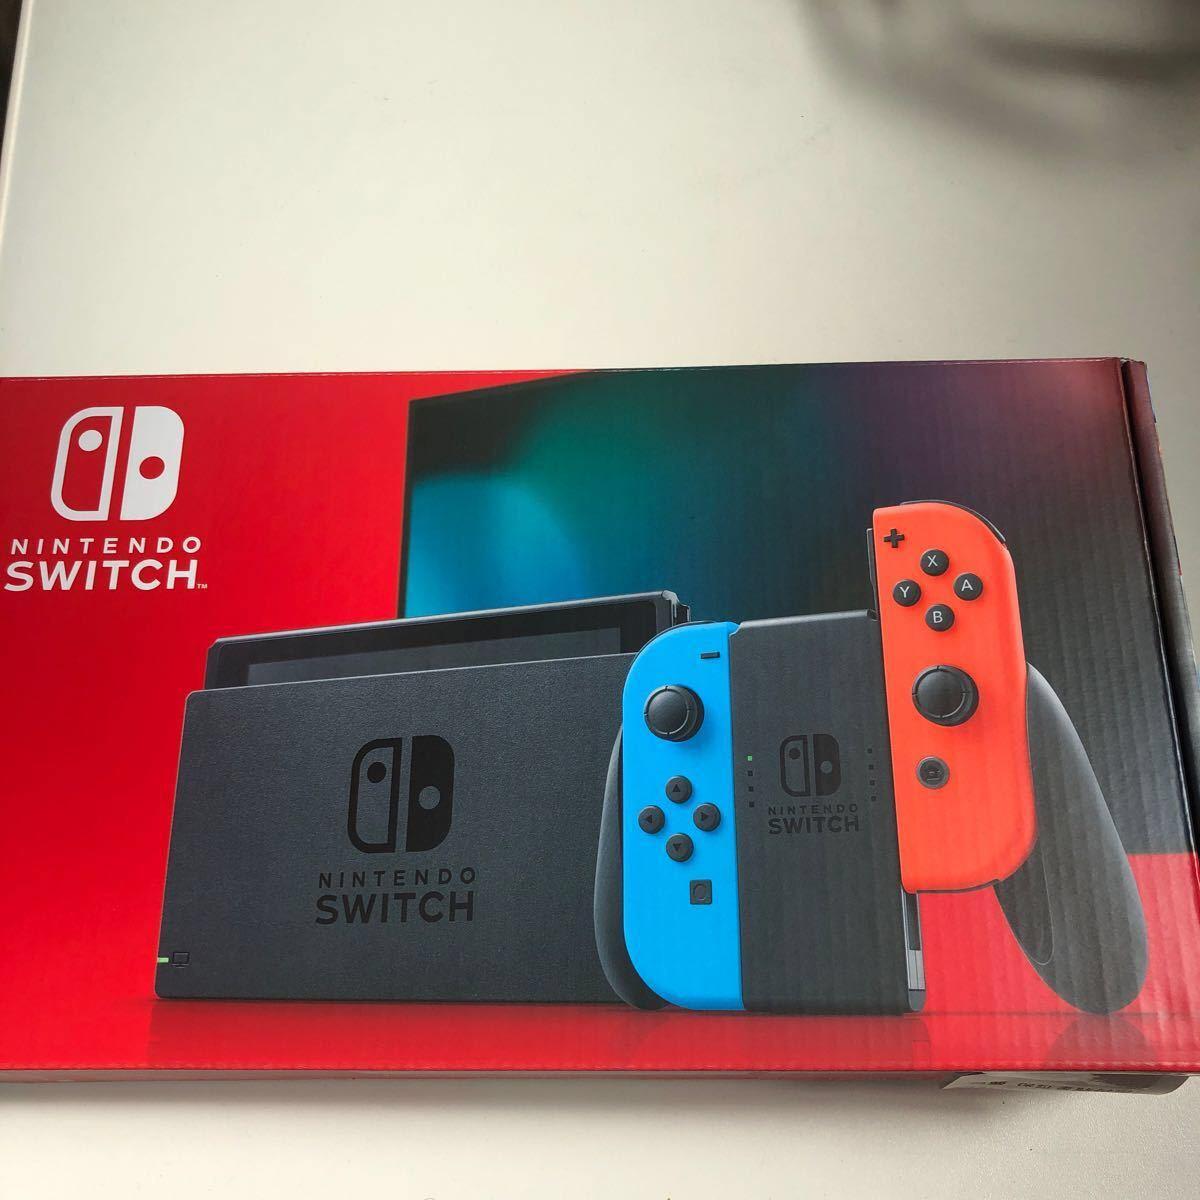 新品 ニンテンドースイッチ本体 Nintendo Switch ネオンブルー ネオンレッド 任天堂 保証書シール店印あり